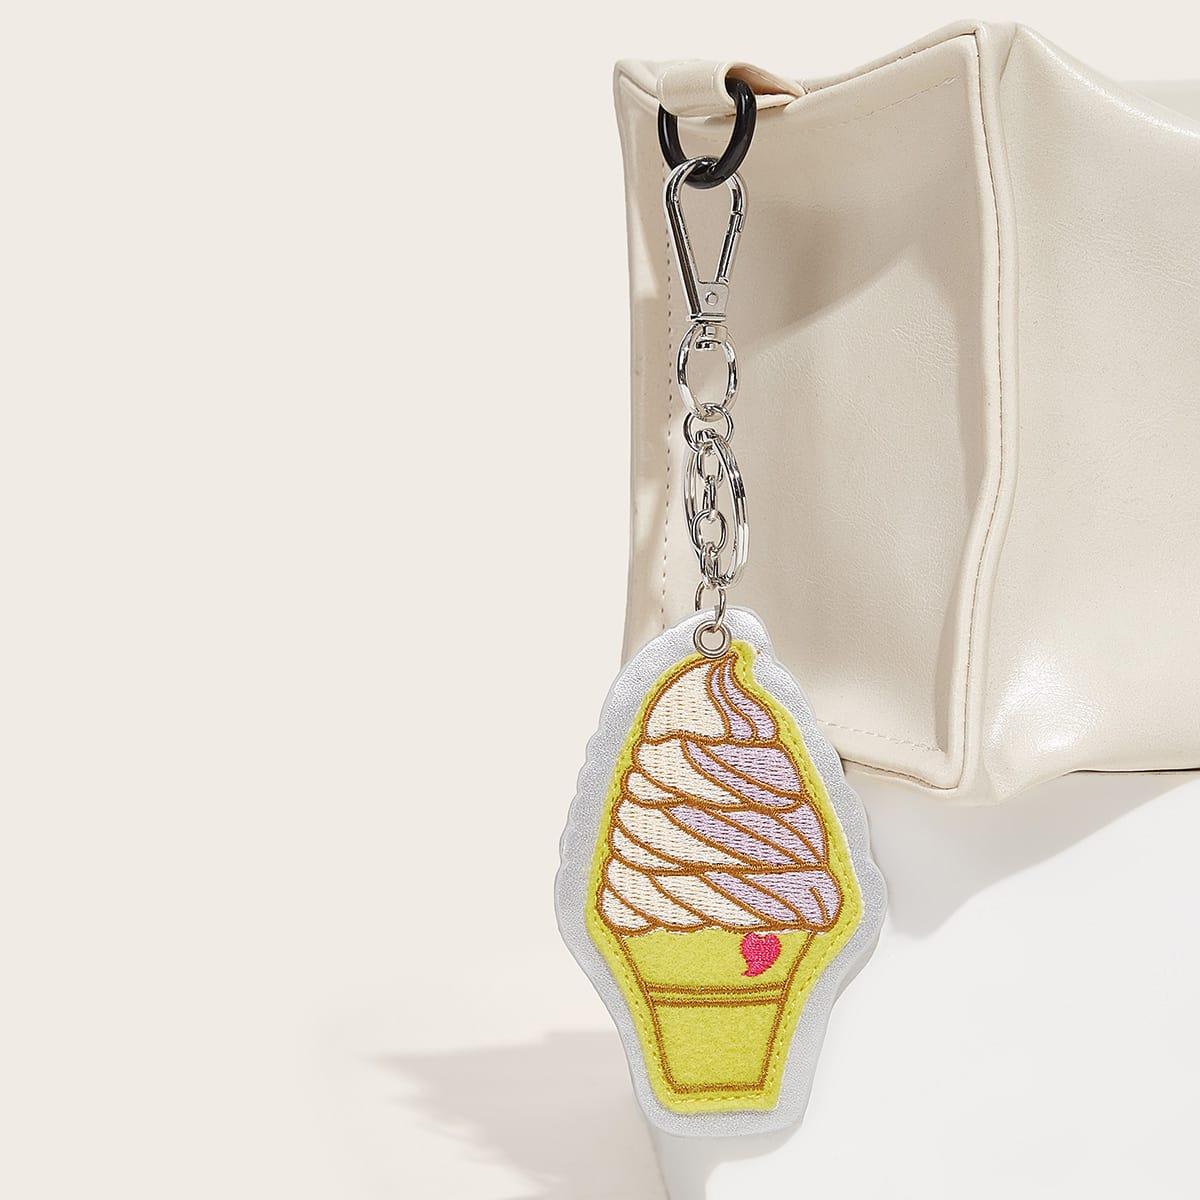 Подвеска для сумки в форме мороженого